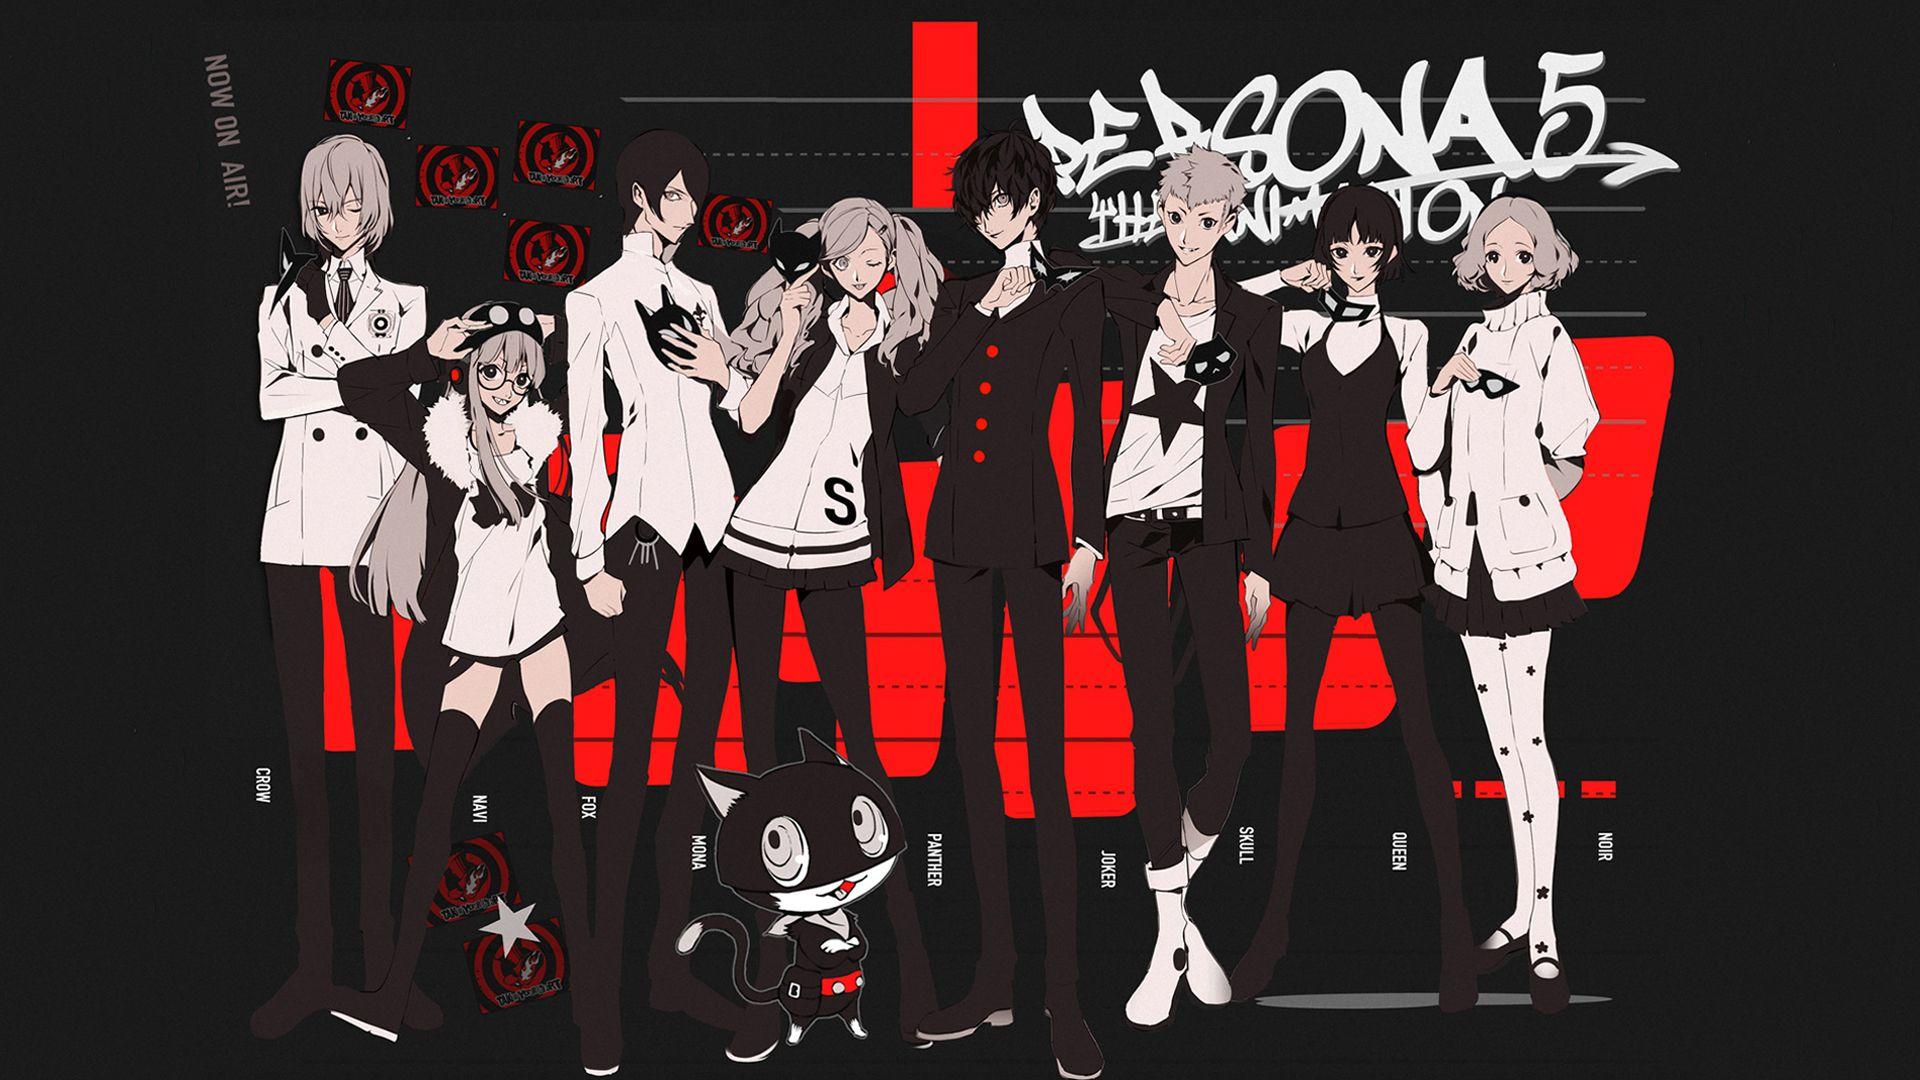 Persona 5 Live Wallpaper 1920x1080 Persona 5 Persona Persona 5 Anime